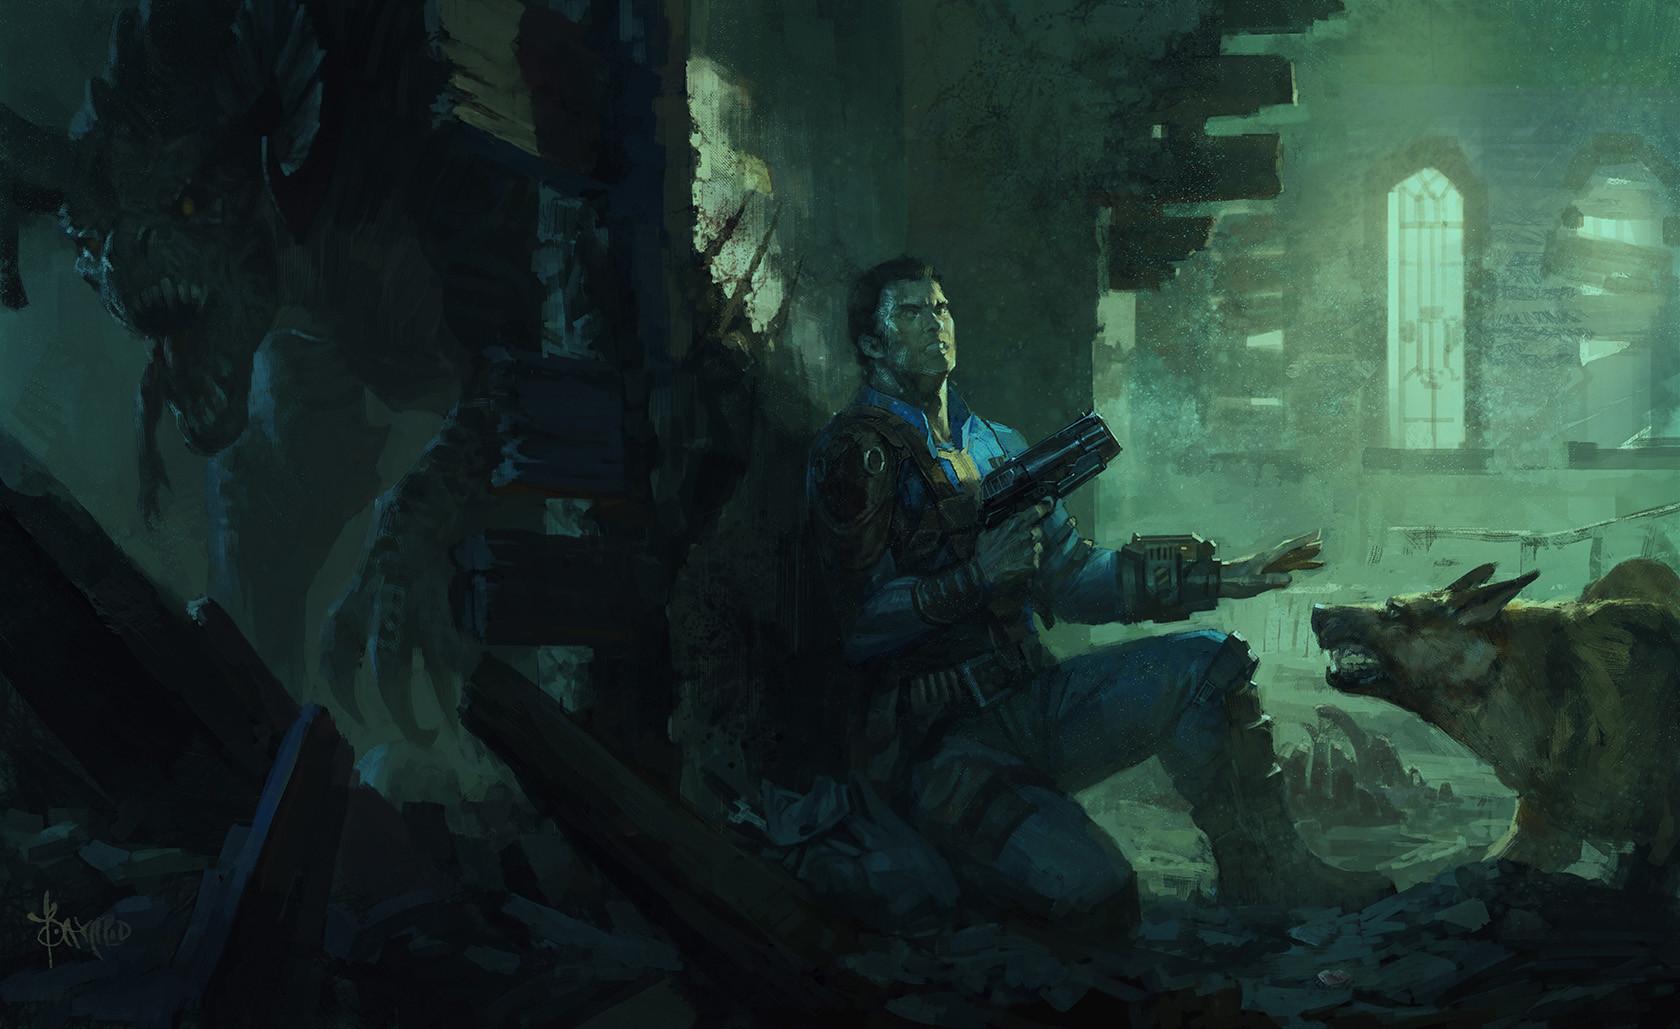 Bayard Wu - Fallout 4 Fan Art